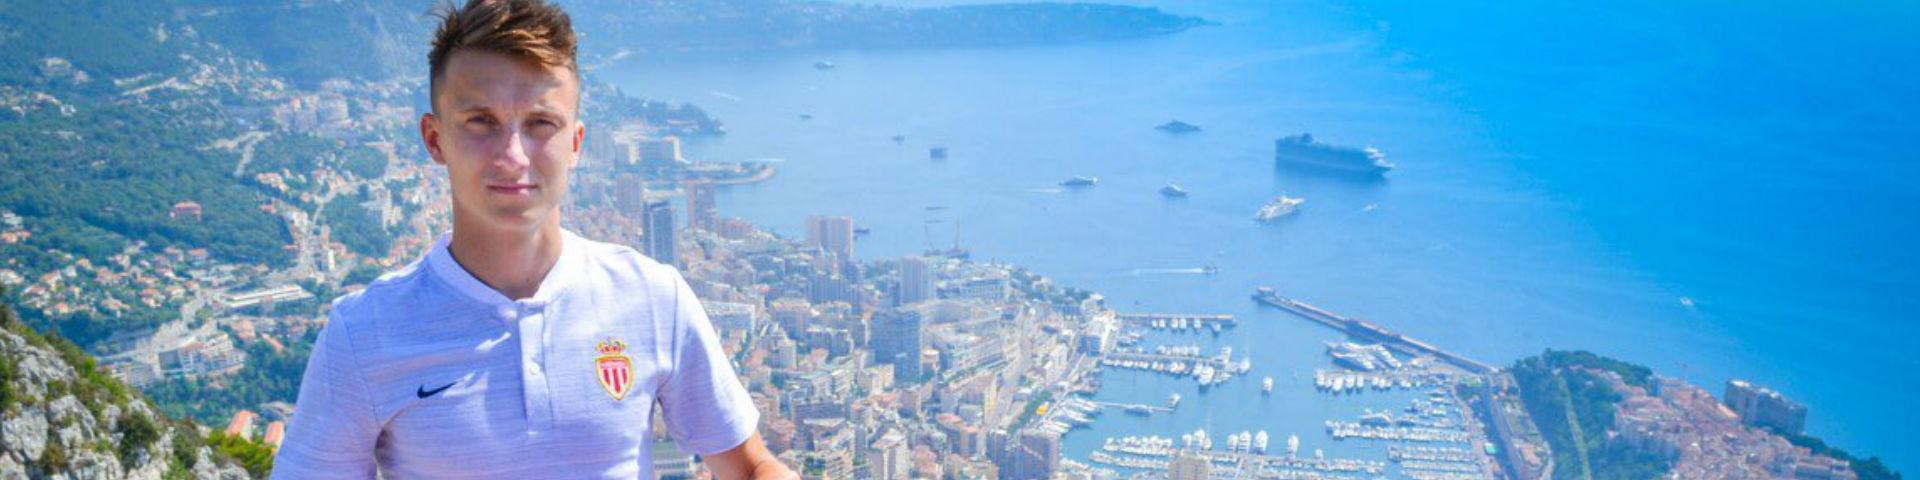 БК «Бетсити»: поездка на матч «Монако» и другие призы за экспресс